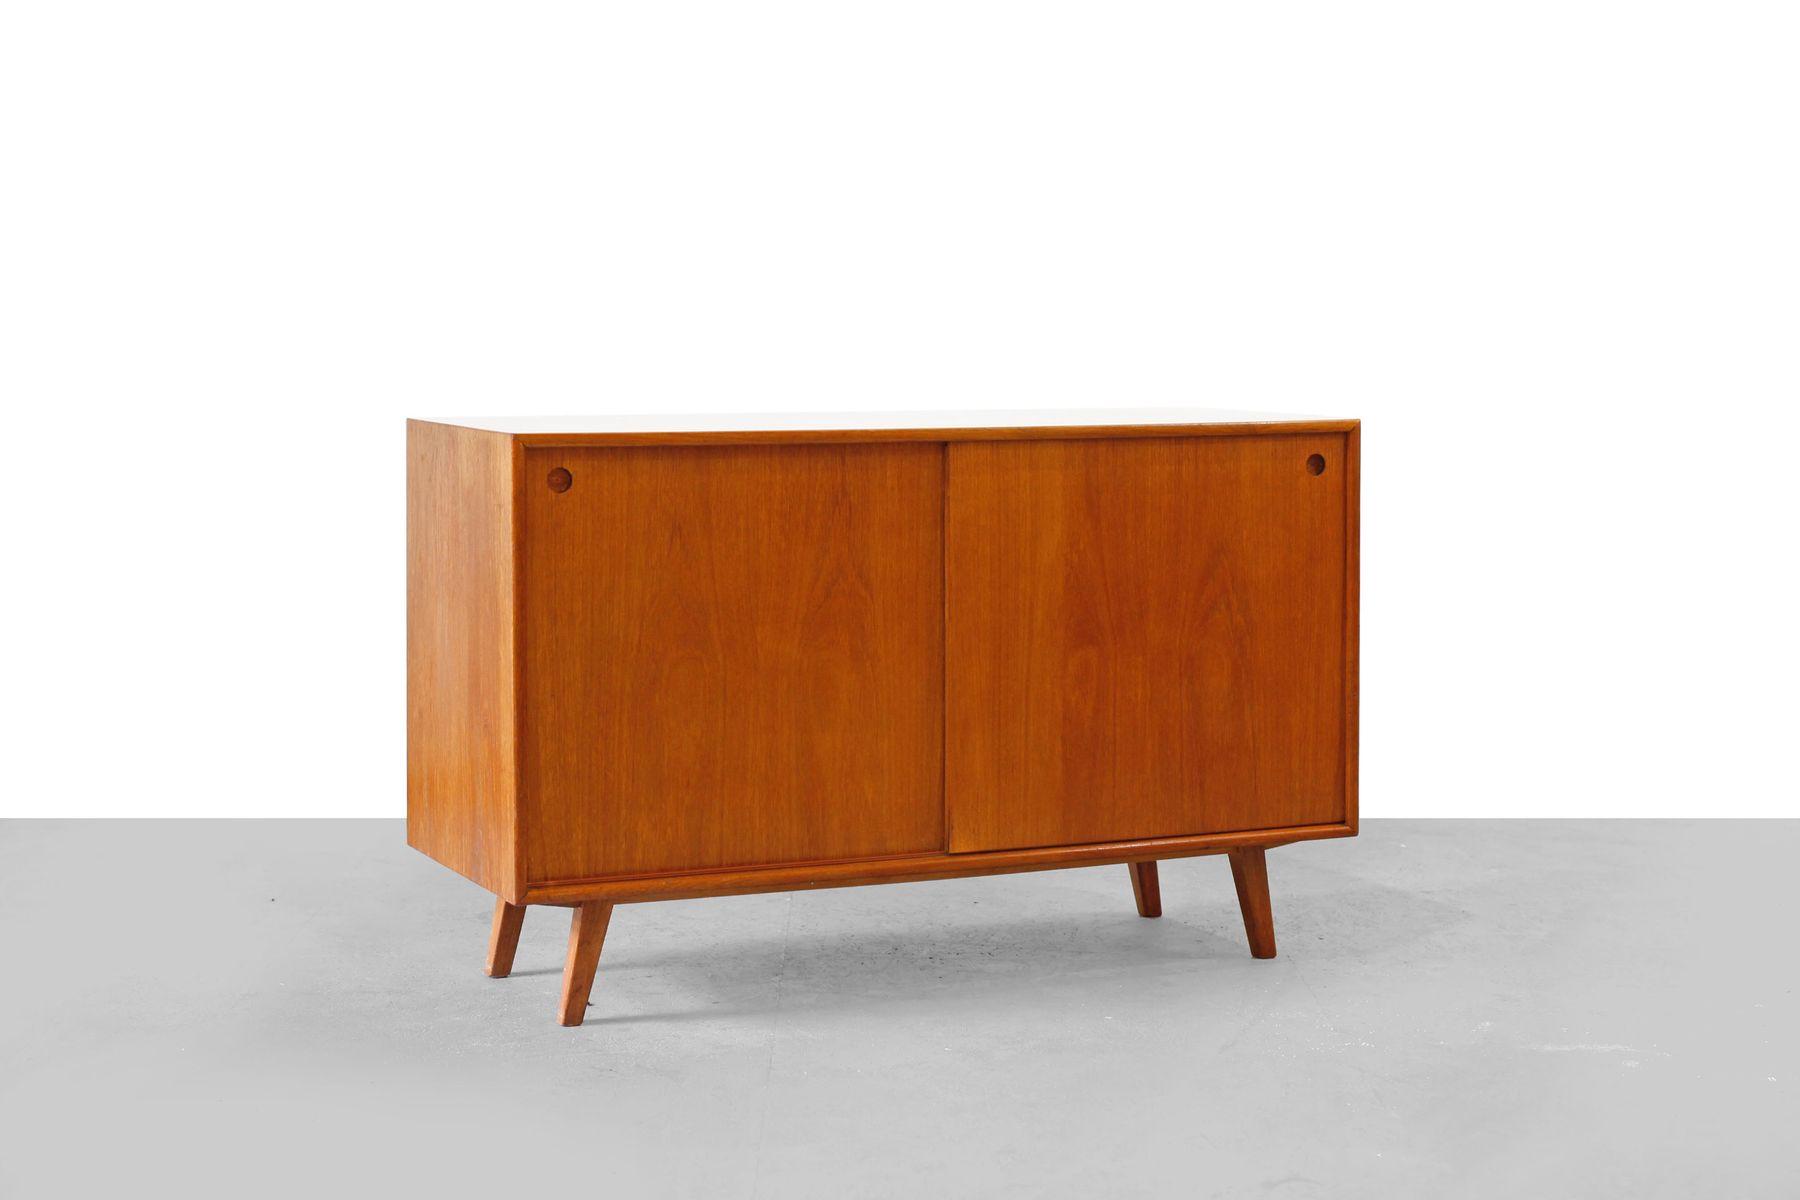 kleines mid century sideboard 1950er bei pamono kaufen. Black Bedroom Furniture Sets. Home Design Ideas